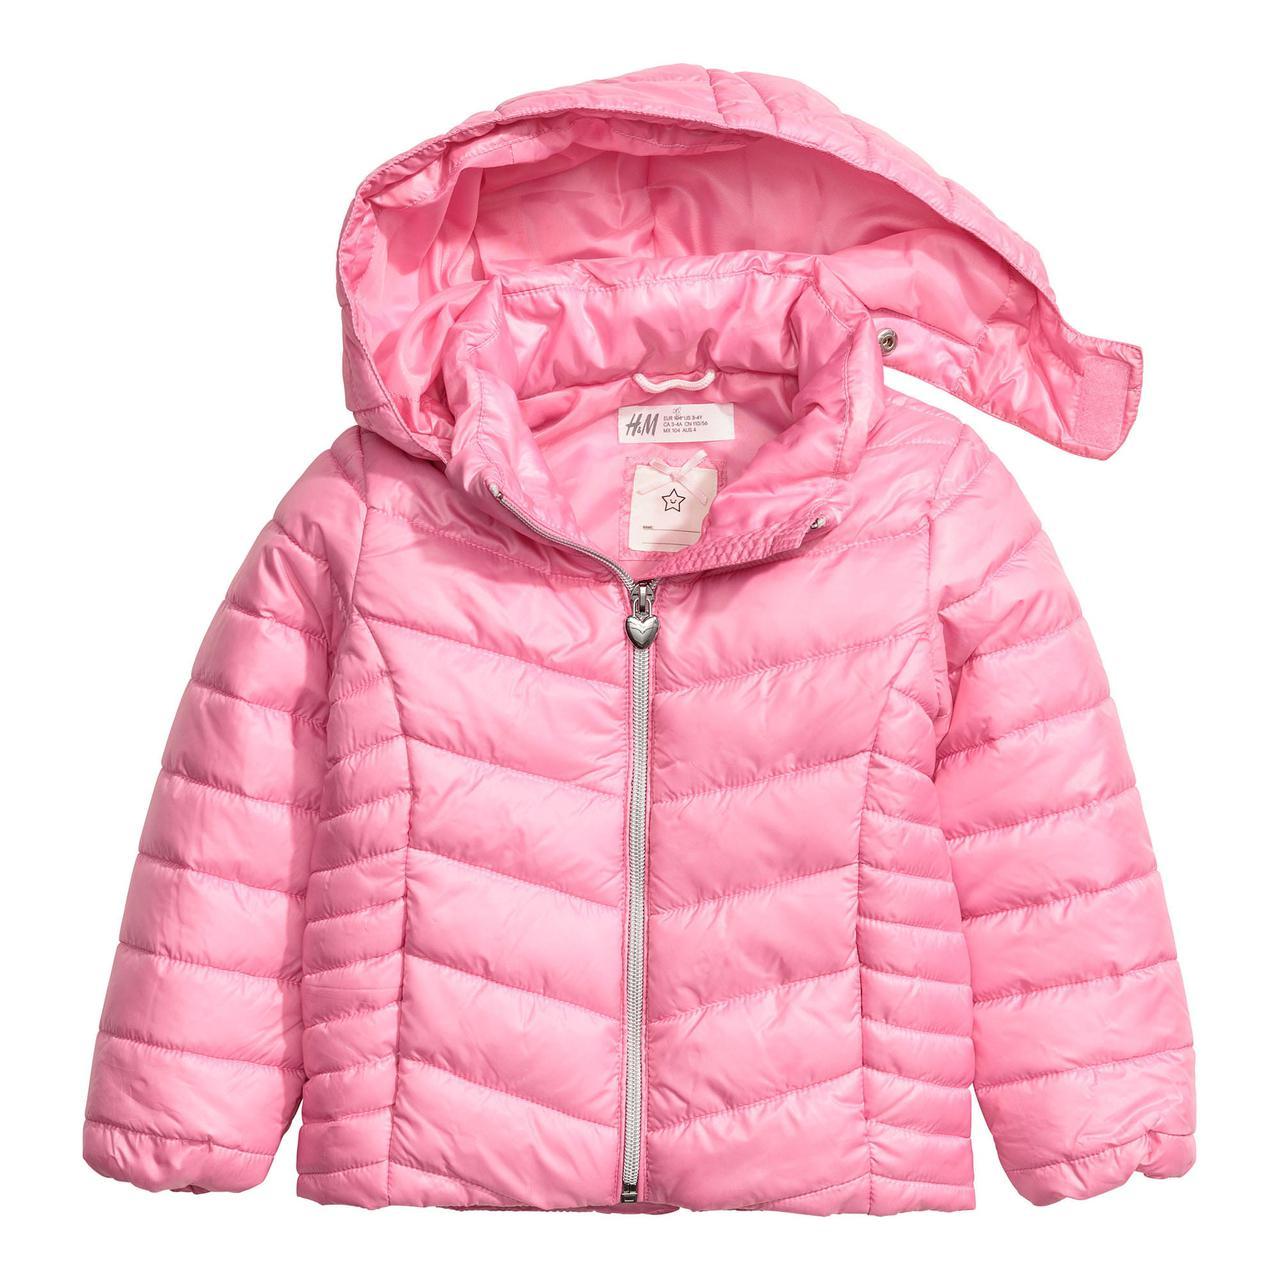 Куртка HM для девочек (Швеция) - МультиКид - интернет-магазин детских брендовых товаров в Киеве